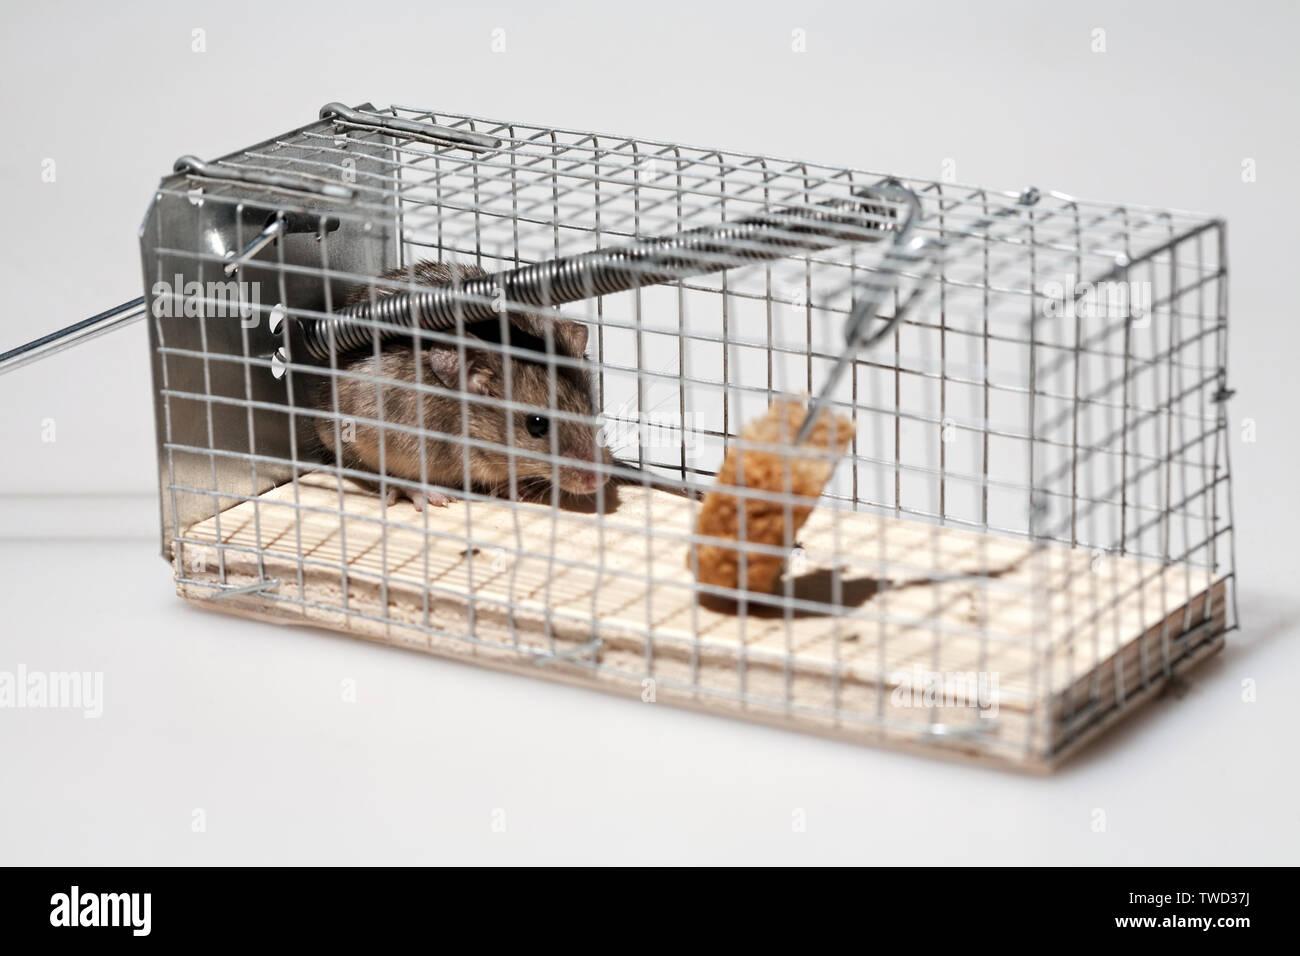 Lebendig Kleine graue Maus in der Mausefalle Detailansicht Stockbild